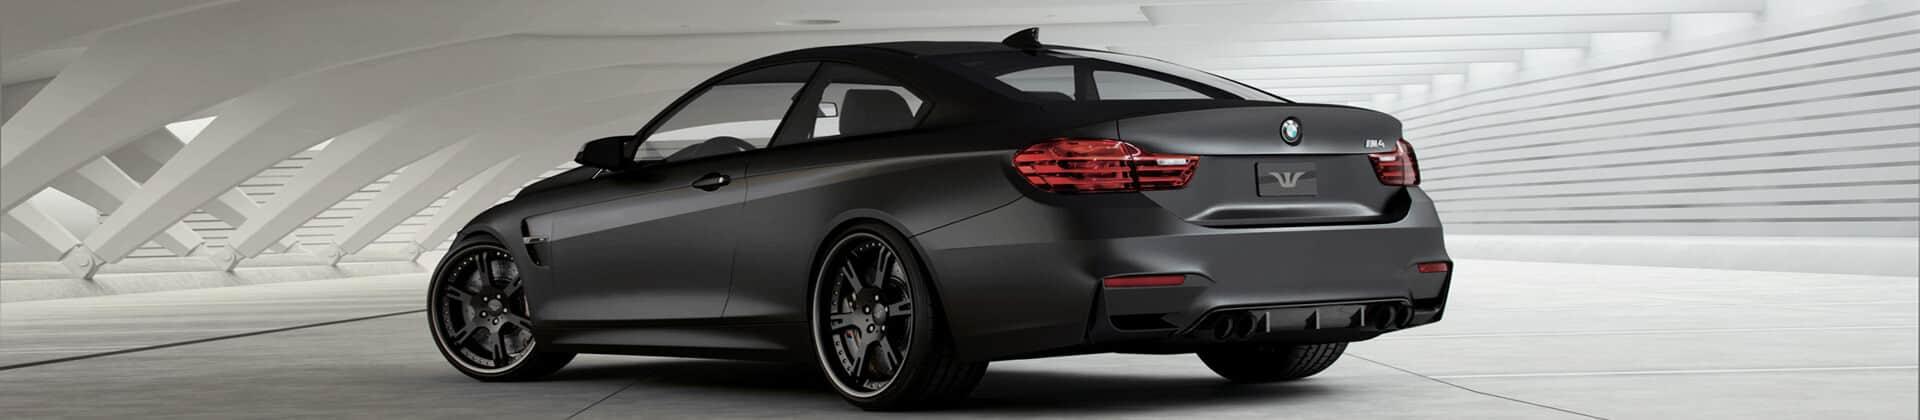 BMW M4 suspension